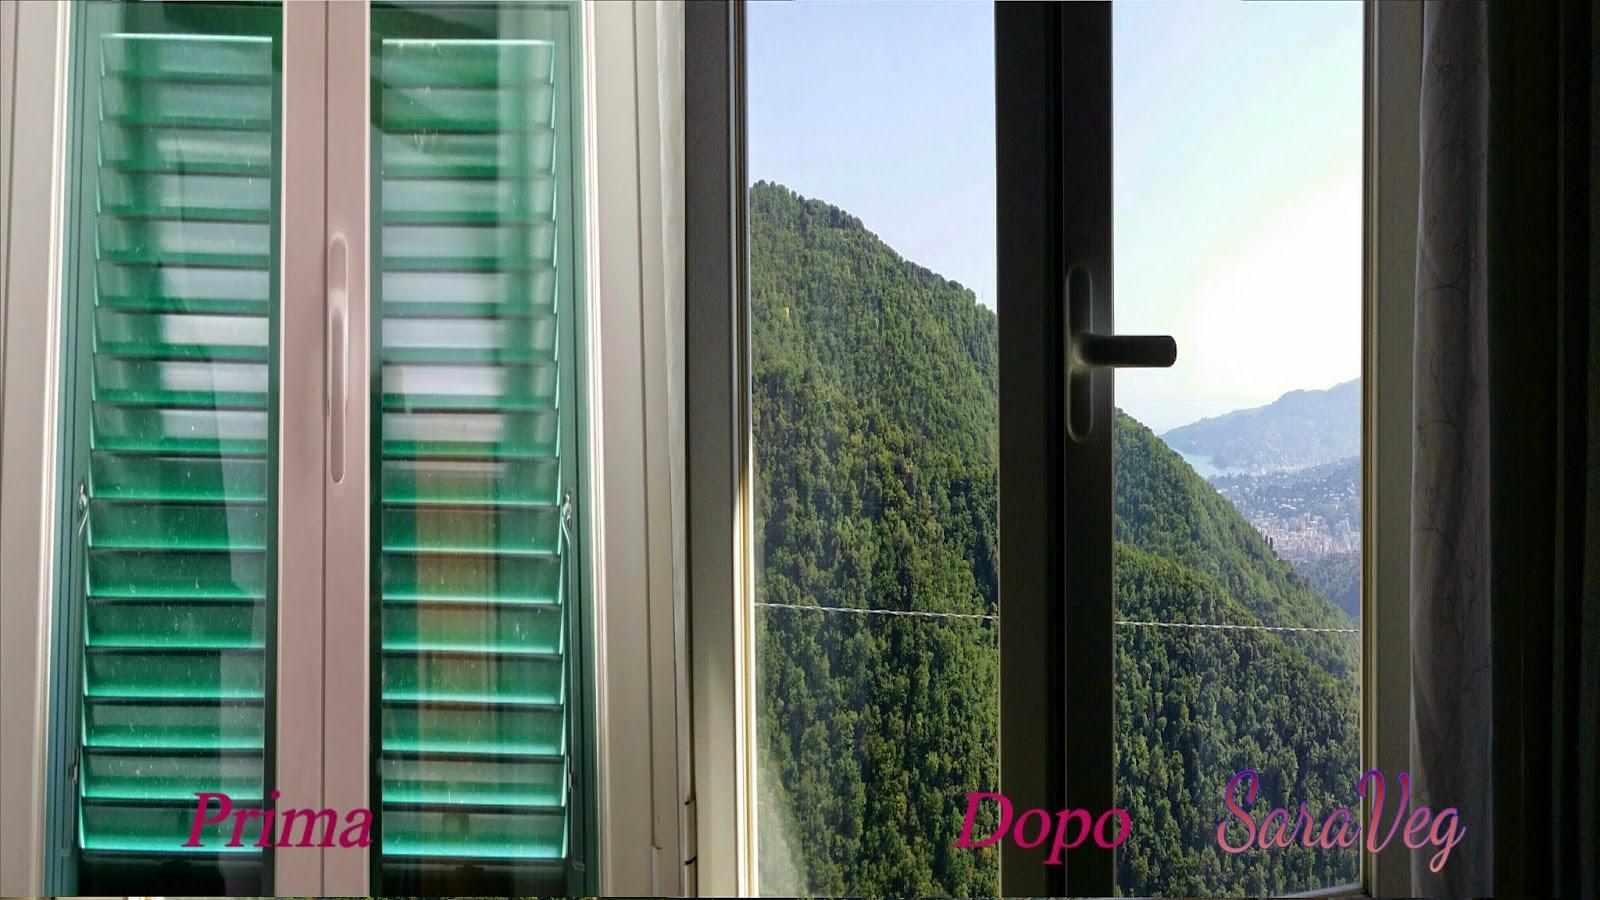 Pulire i vetri in maniera efficace ed ecologico - Pulire vetri finestre ...